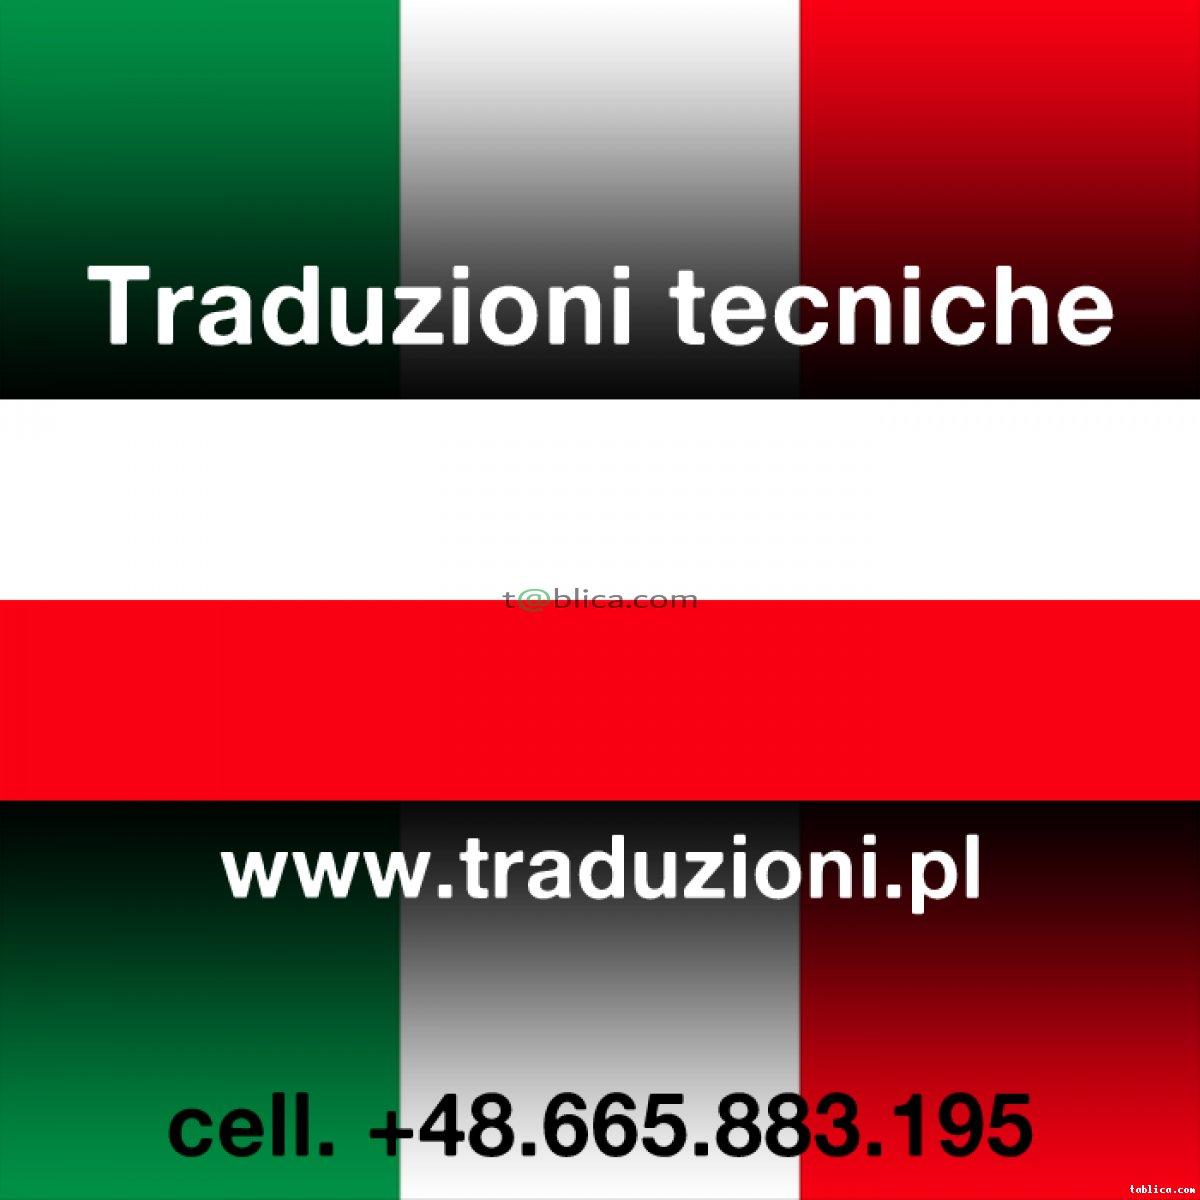 Włochy - pomoc w zamawianiu części zamiennych